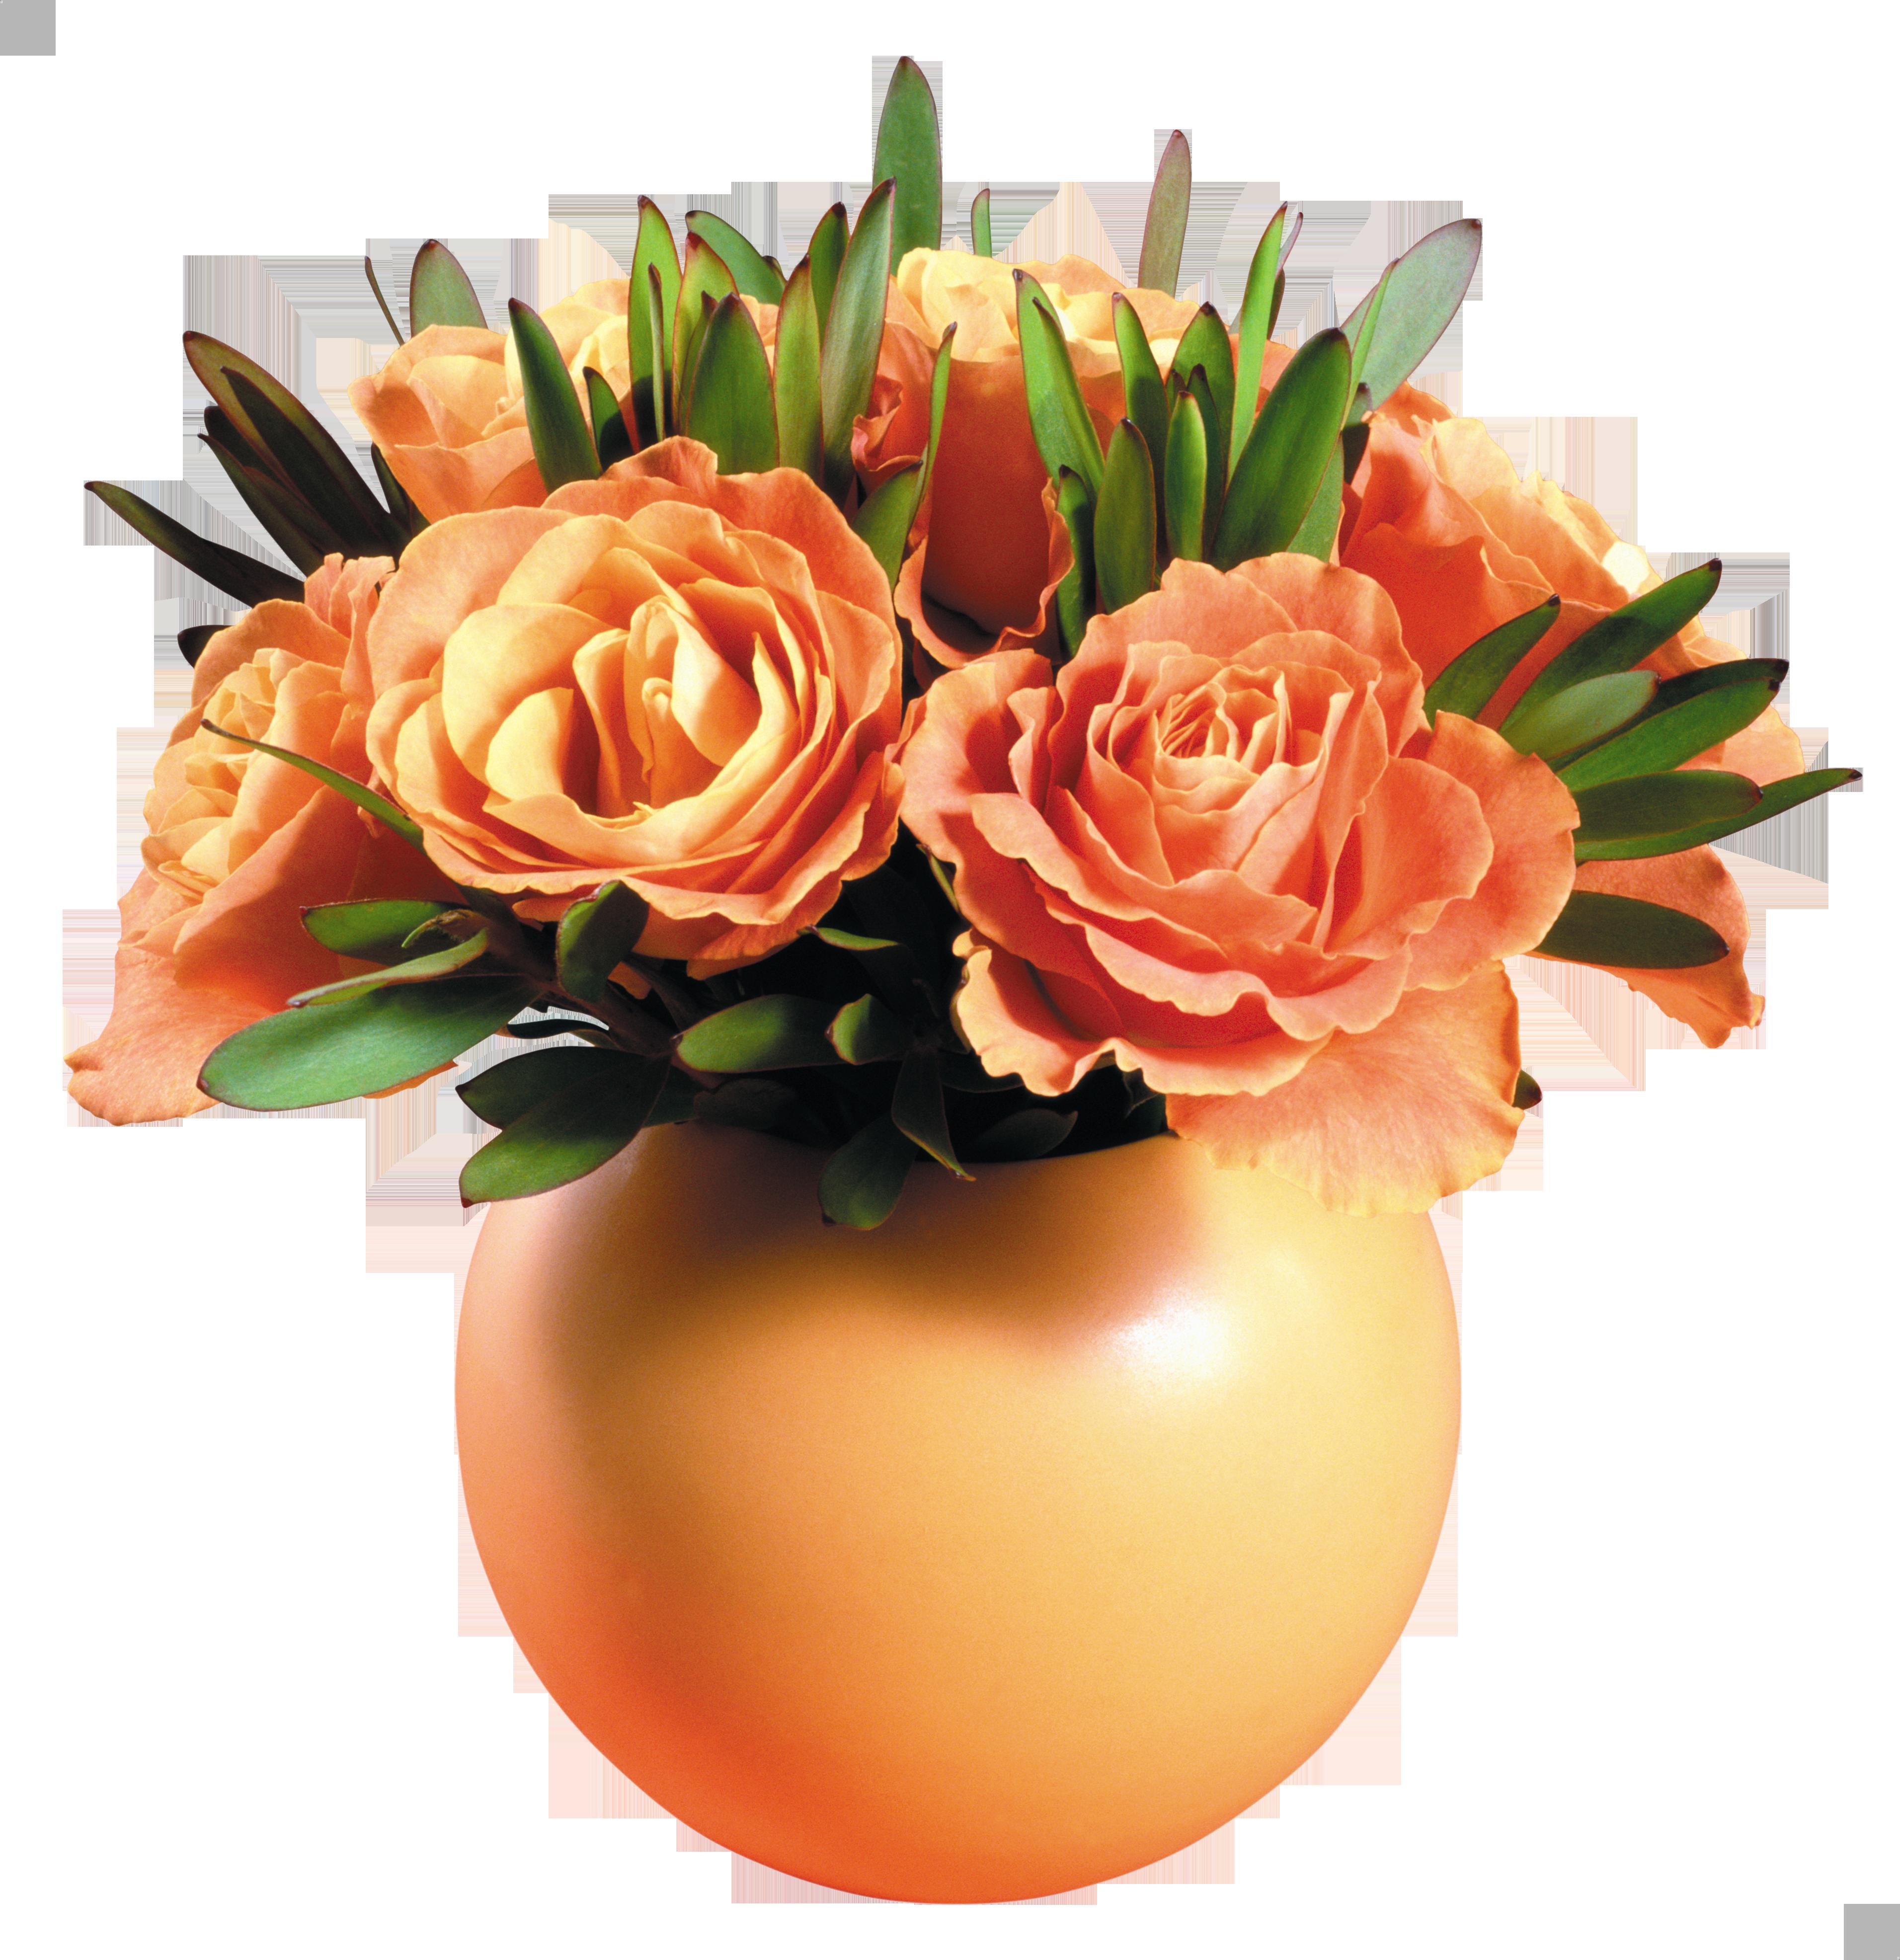 Images free download. Flower vase png